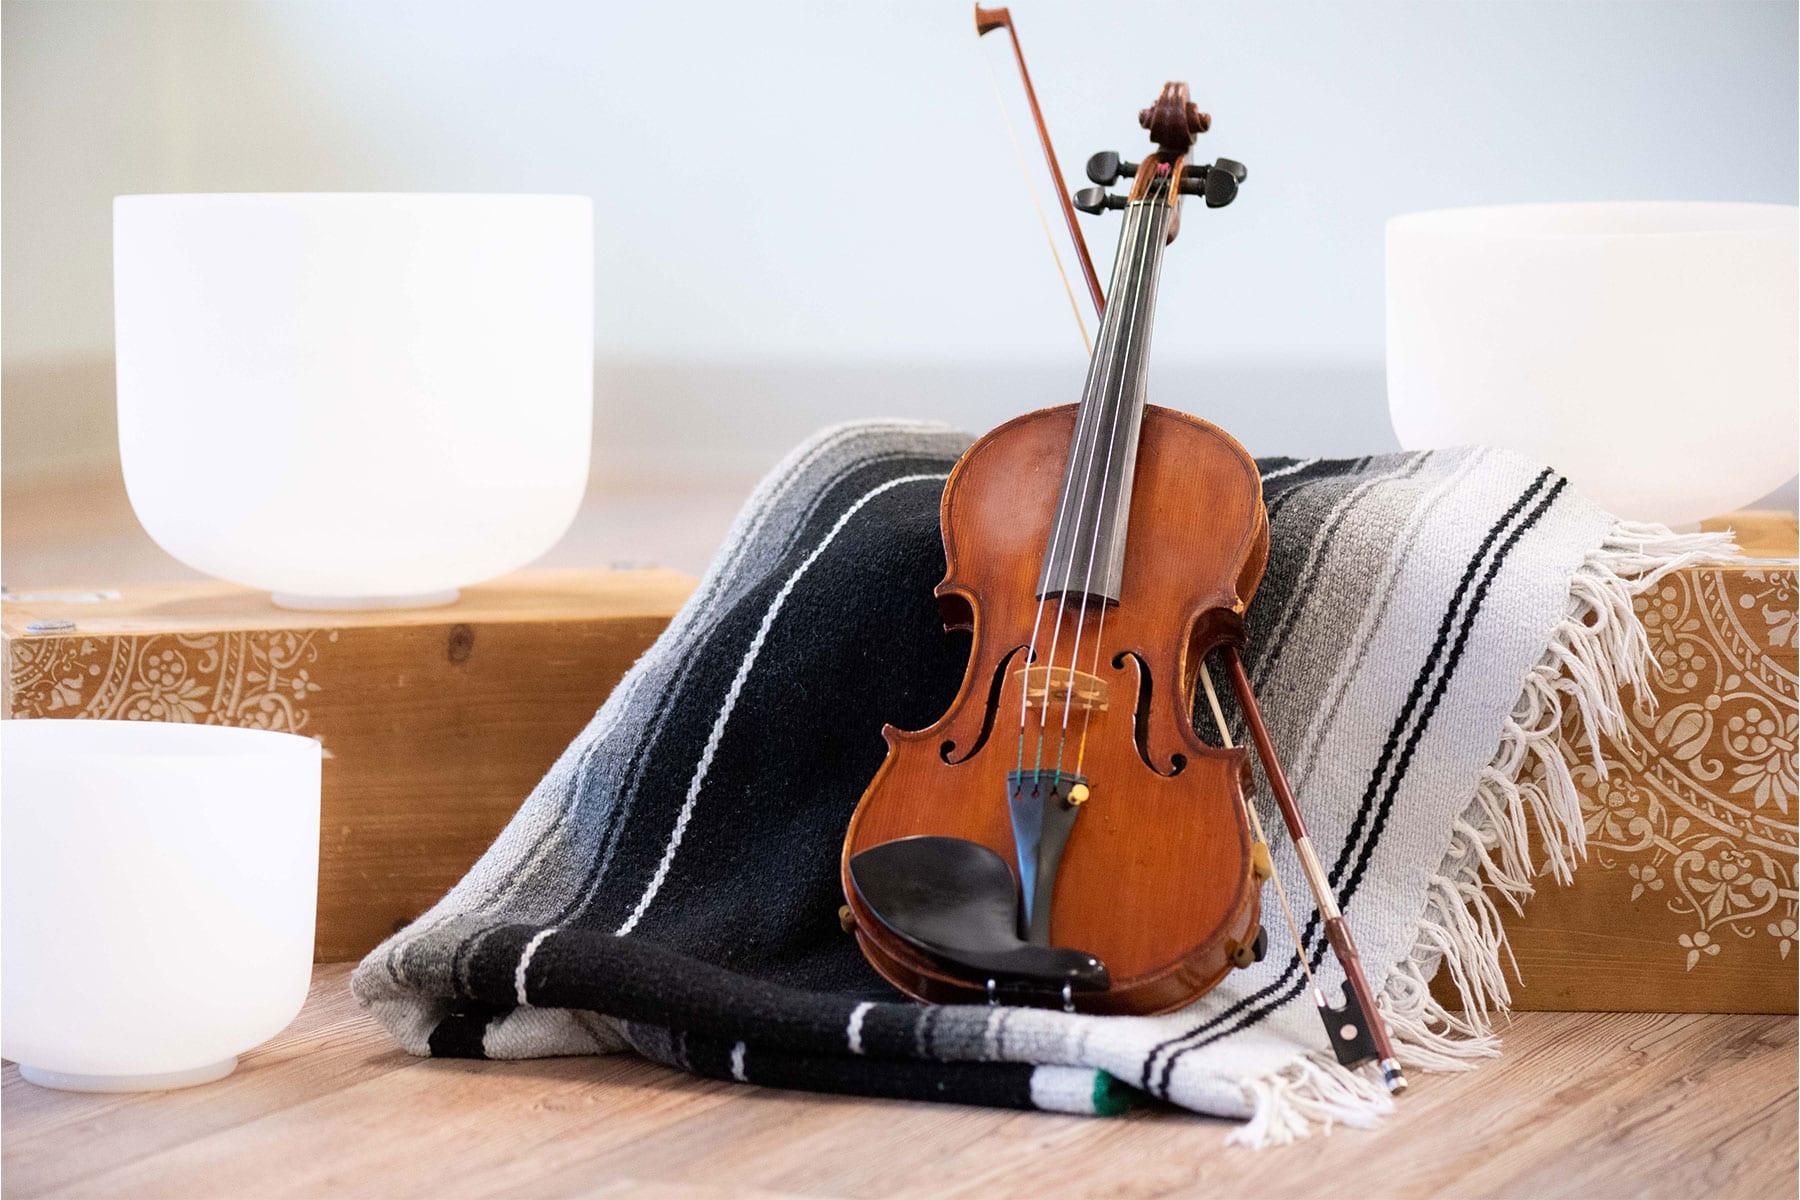 Crystal Singing Bowls And Violin